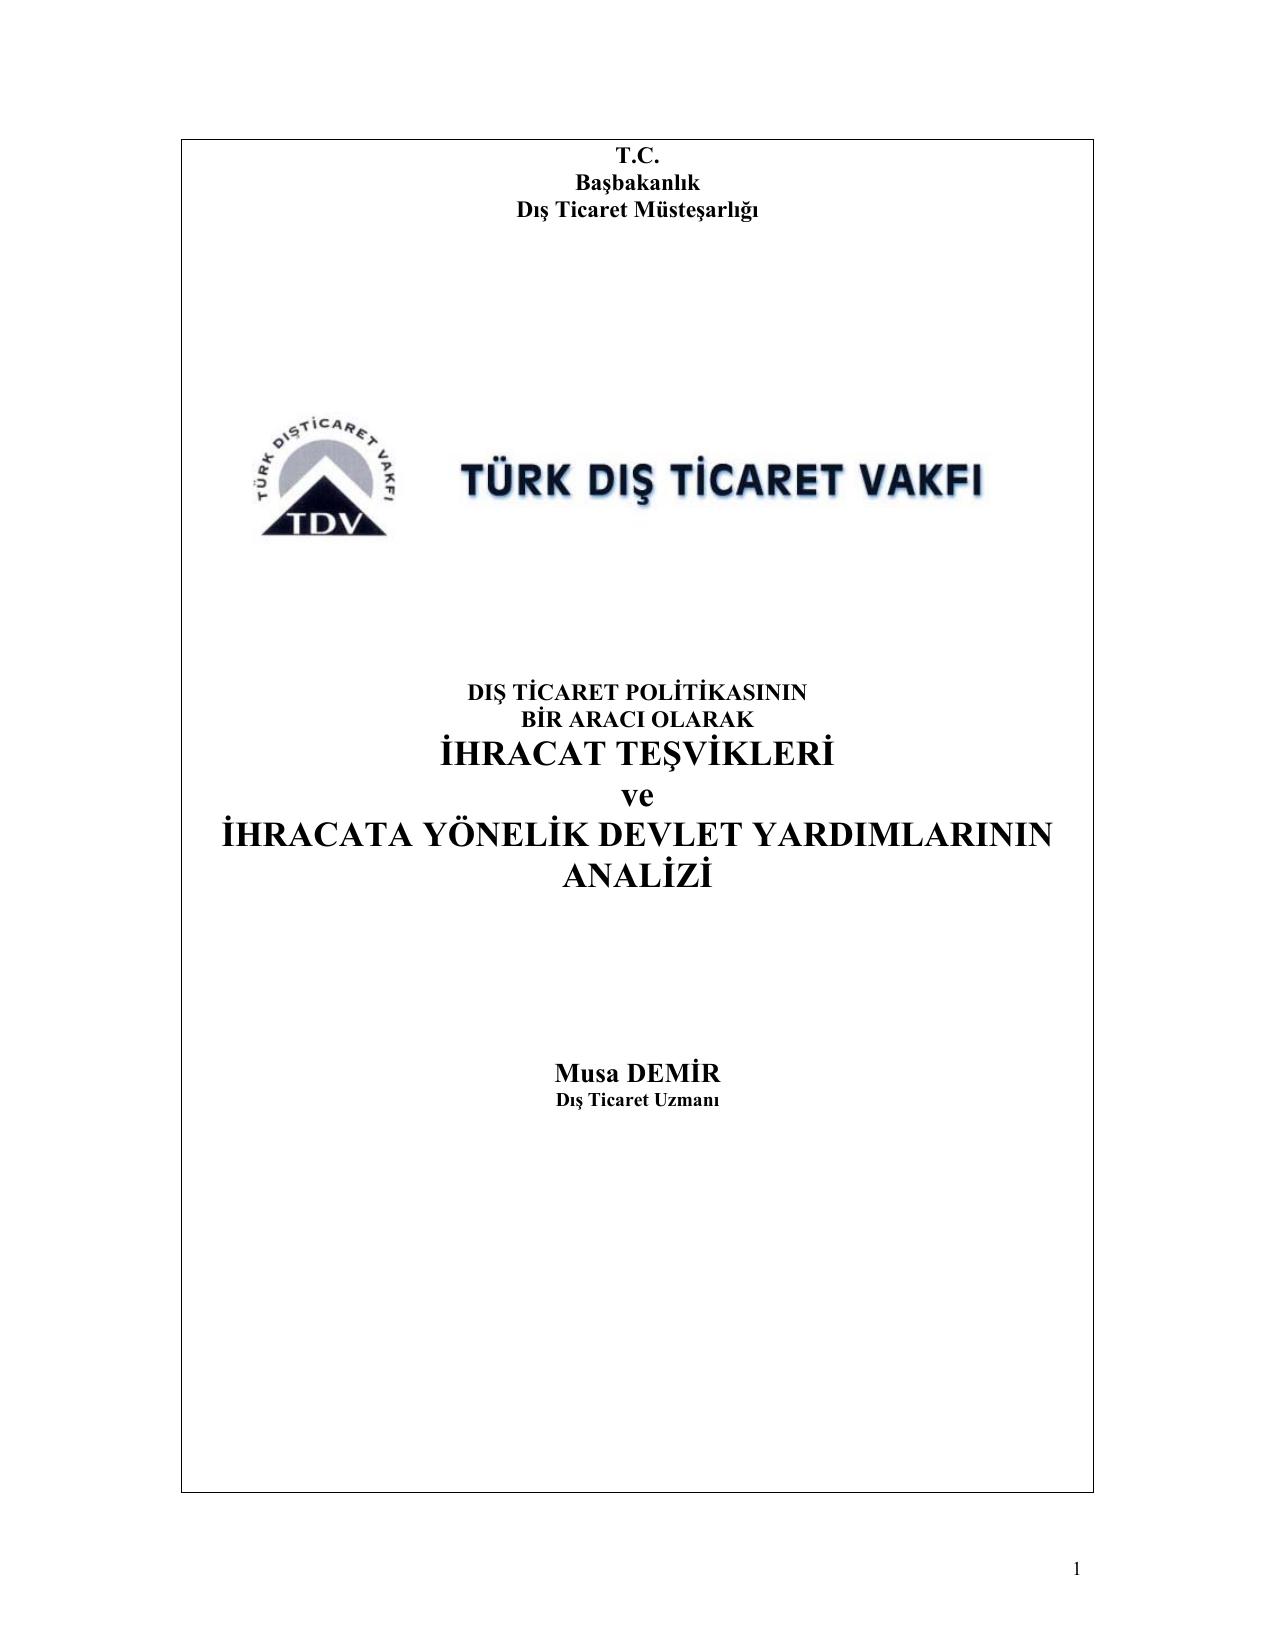 Dış ticarete yönelik çeşitlendirme stratejisi: dış kaynak kullanımı